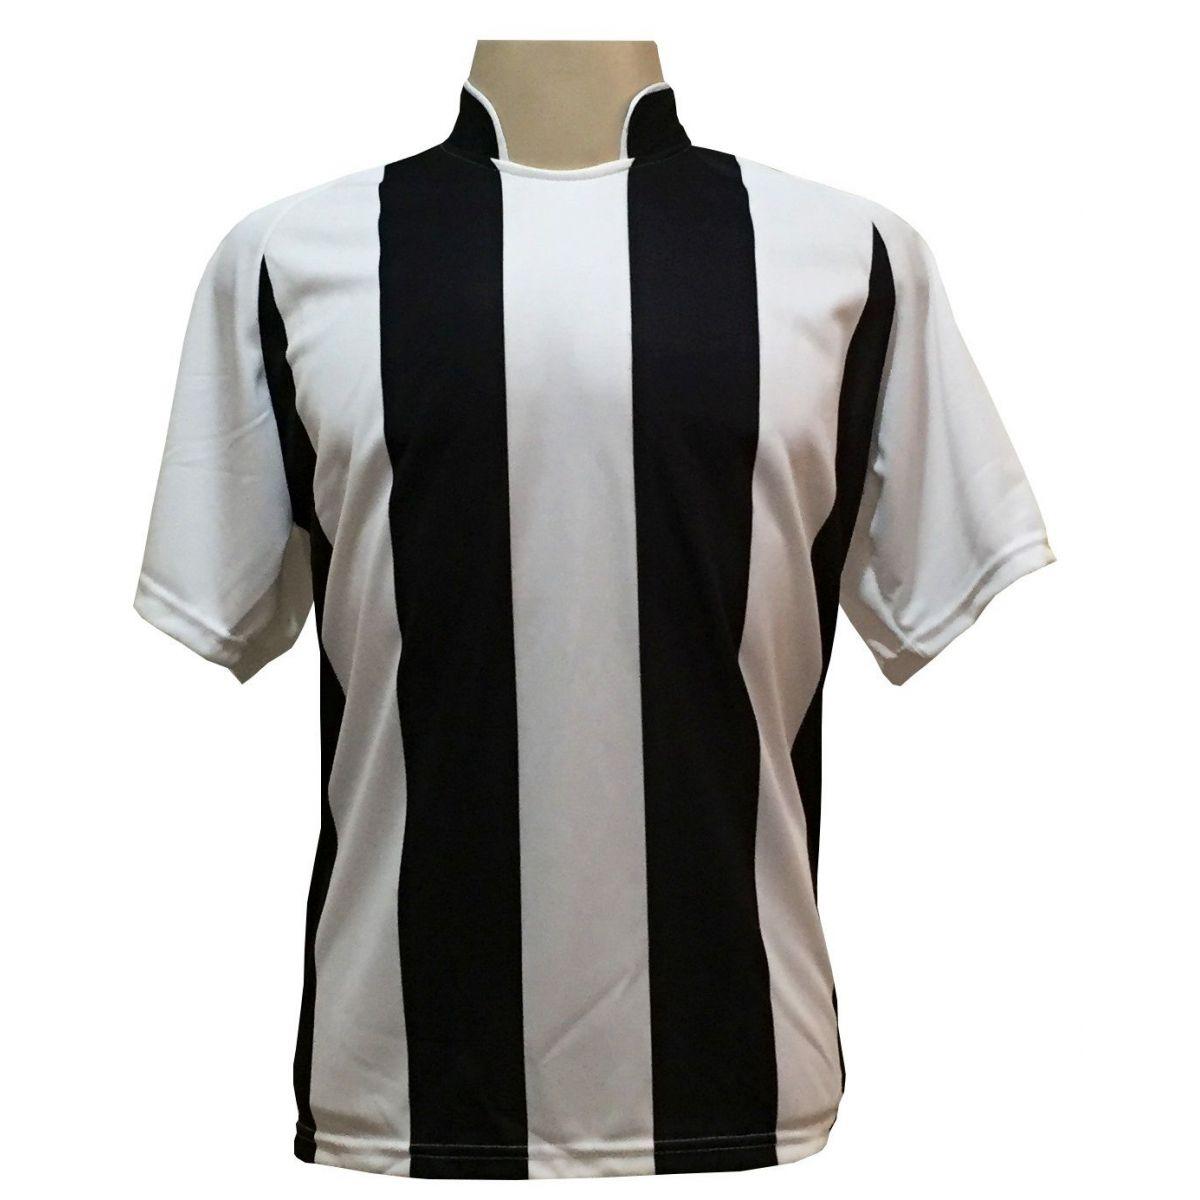 Jogo de Camisa com 12 unidades modelo Milan Branco/Preto + 1 Goleiro + Brindes